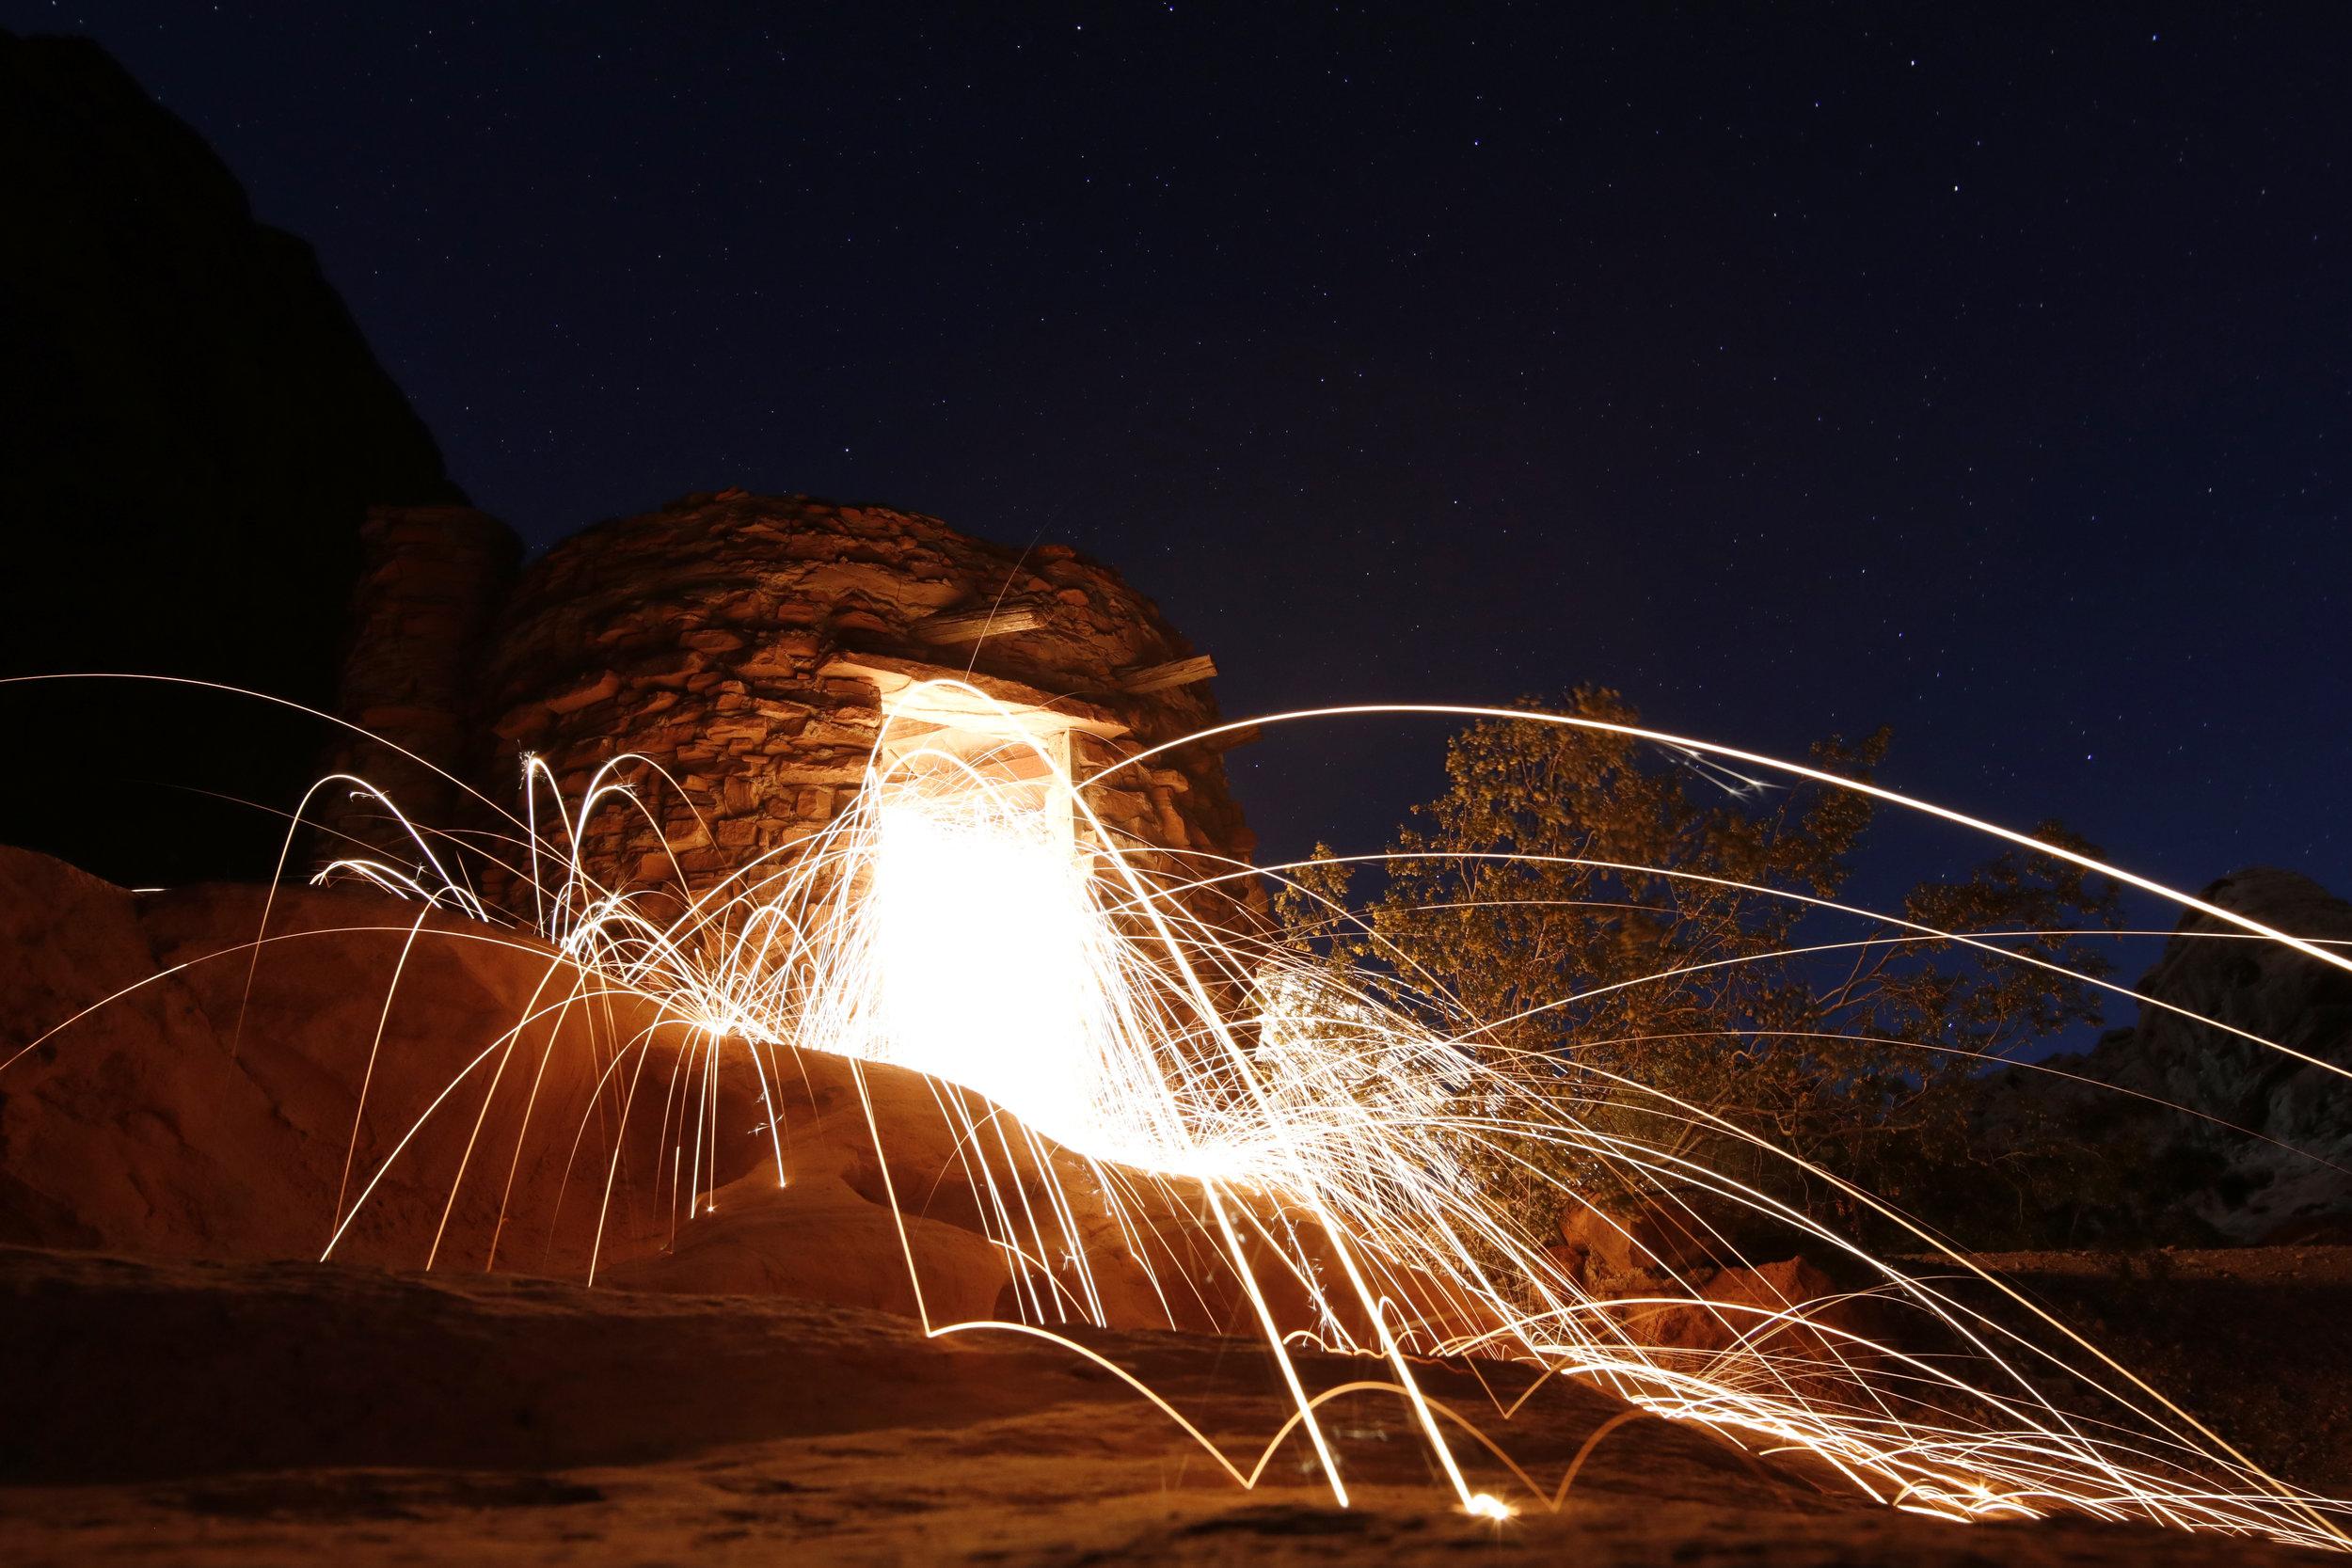 firespin.jpg